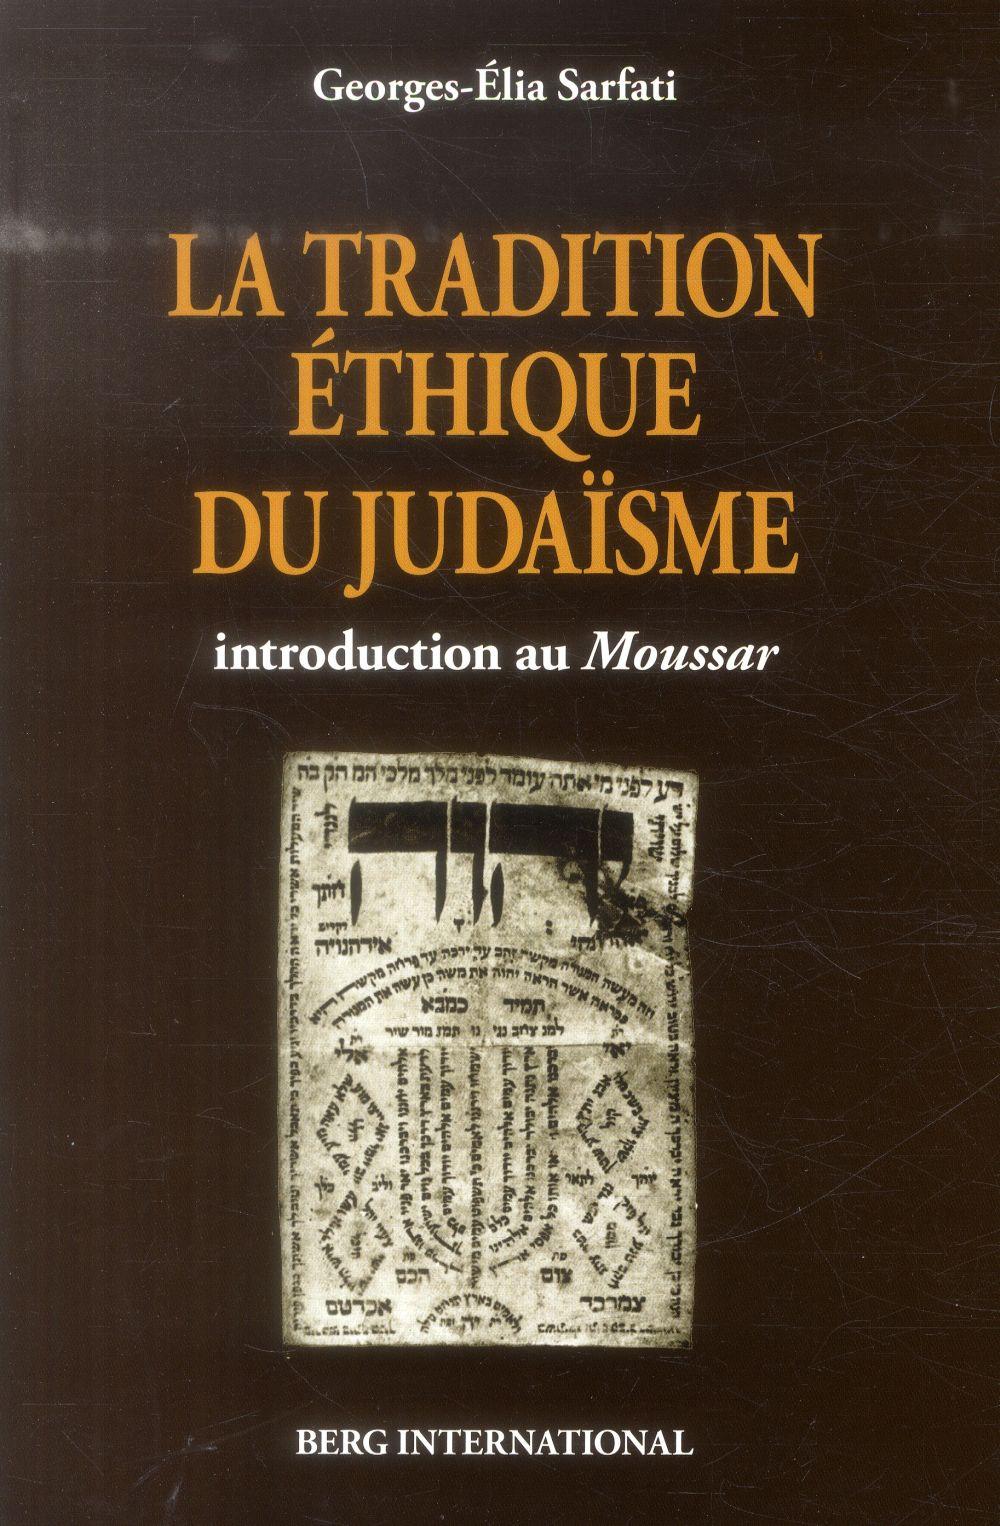 La tradition éthique du judaïsme ; introduction au Moussar